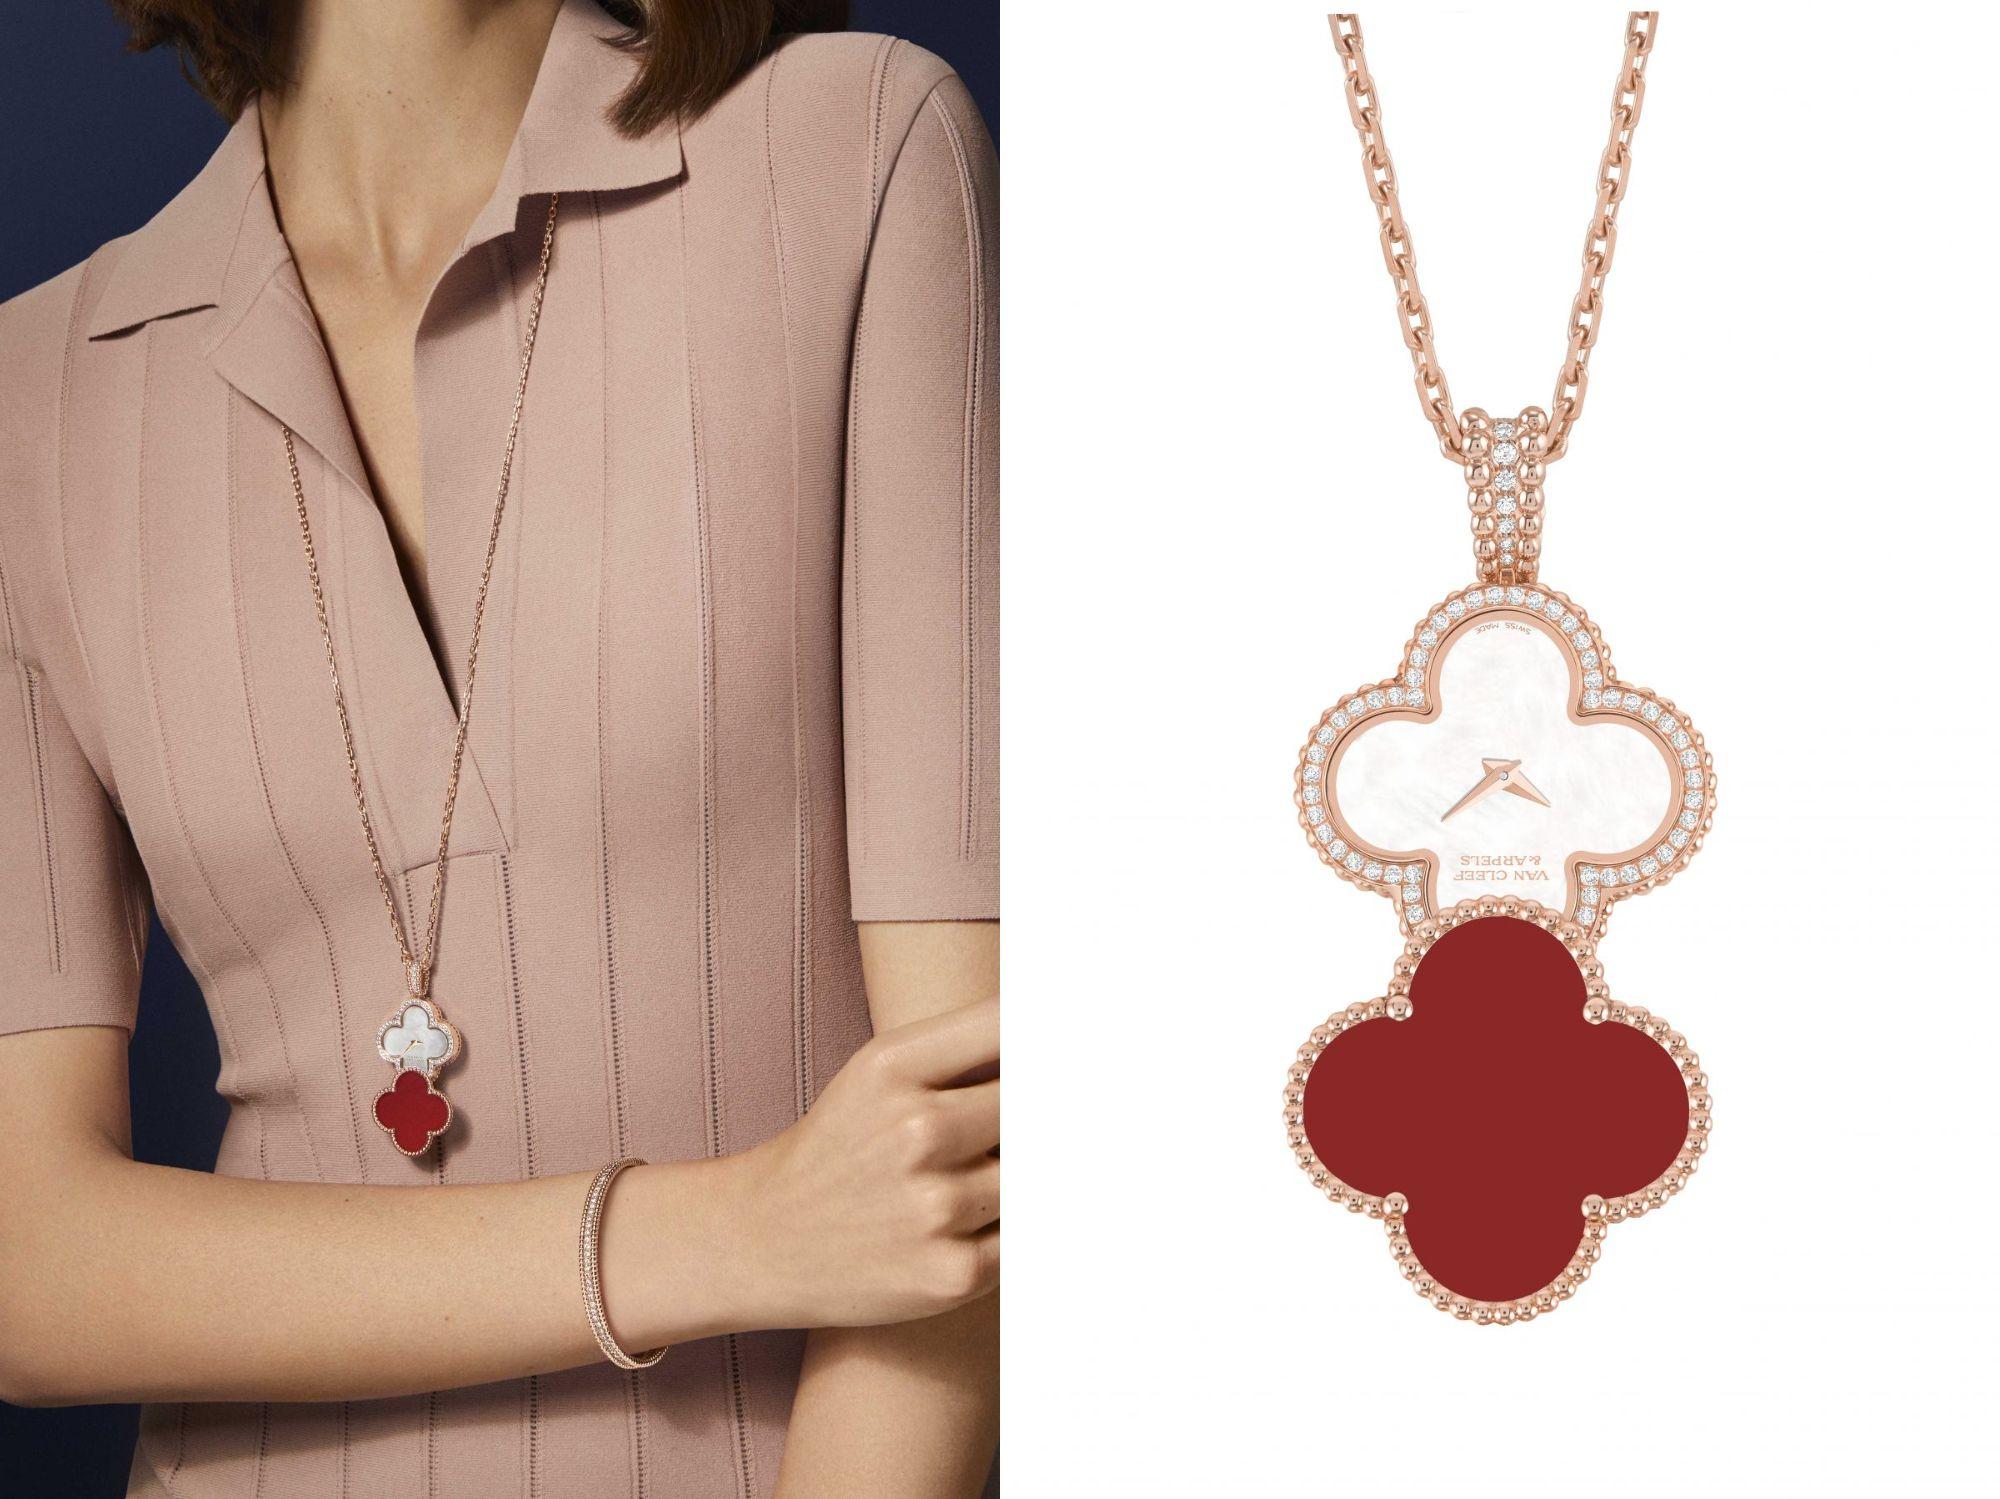 珠寶世家 Van Cleef & Arpels 梵克雅寶全新 Alhambra 與 Perlée 系列,詮釋優雅精緻氣息!